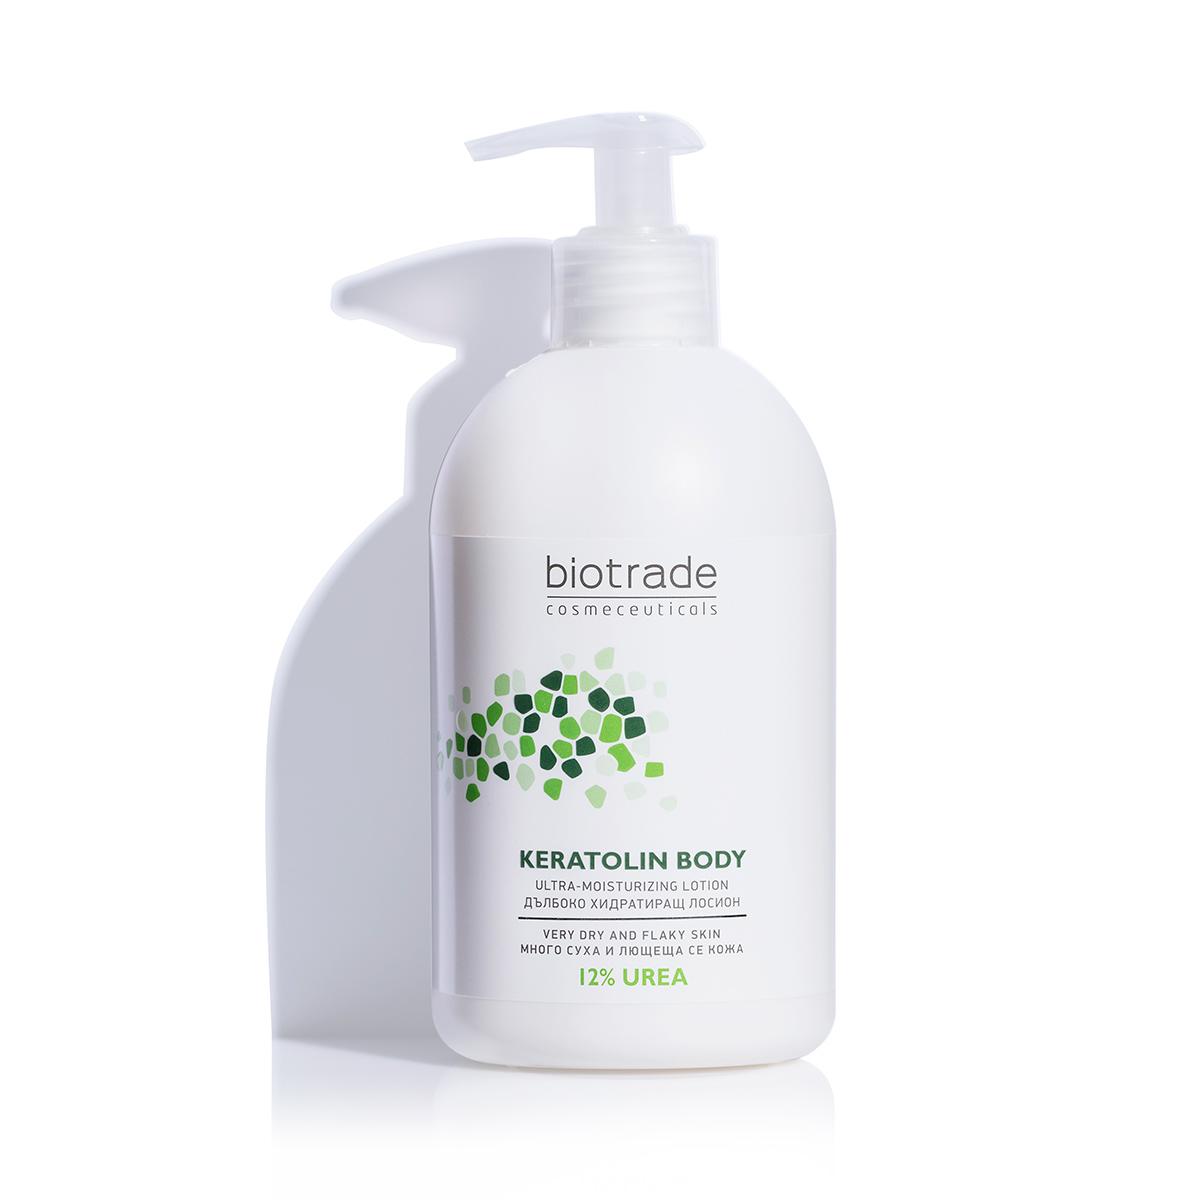 Овлажняващ лосион за тяло с 12% уреа Keratolin Body Biotrade